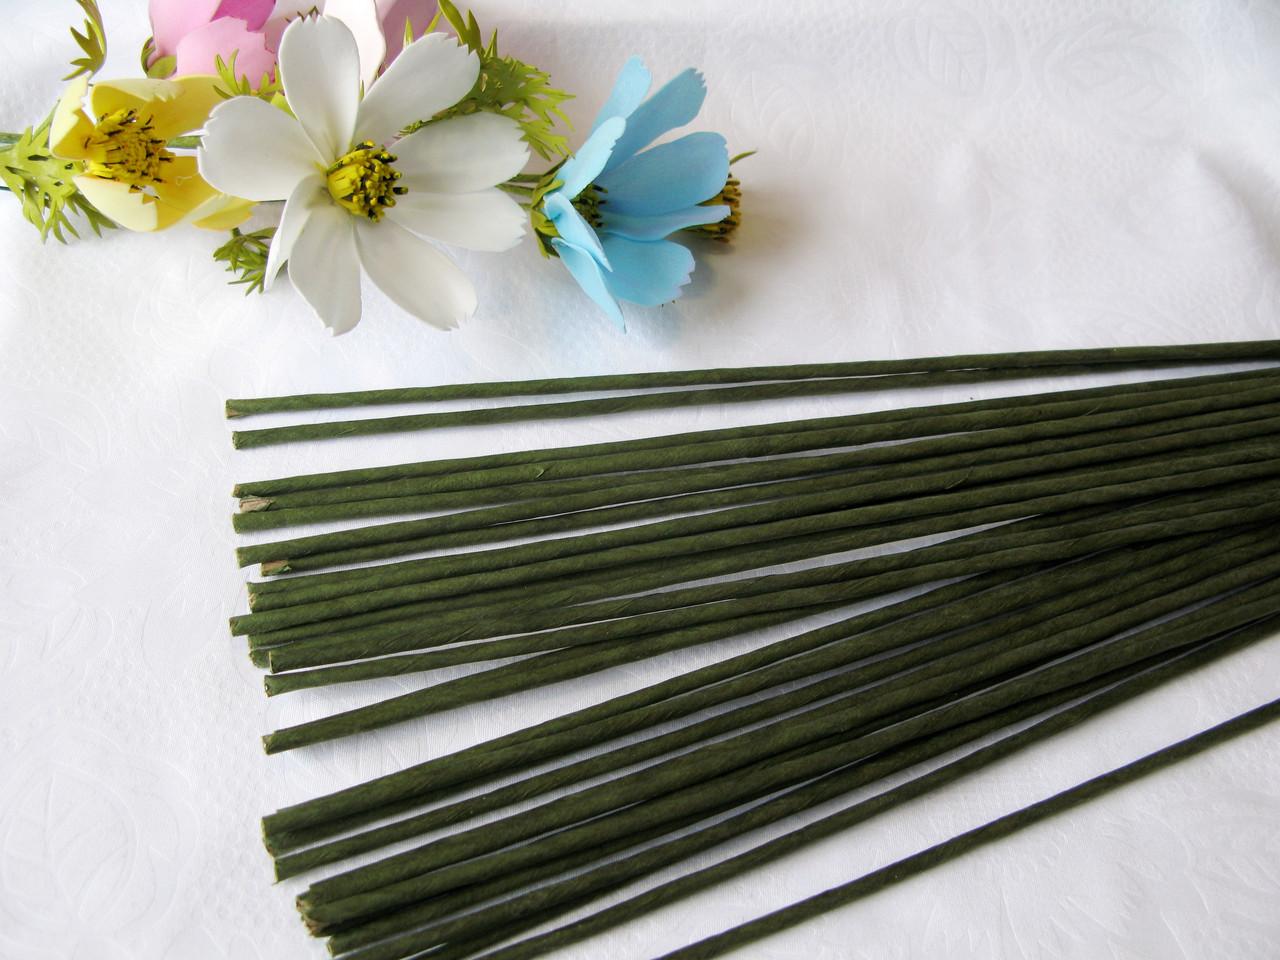 Проволока герберная (флористическая) в обмотке. 3,5 мм 40 см. 10 шт